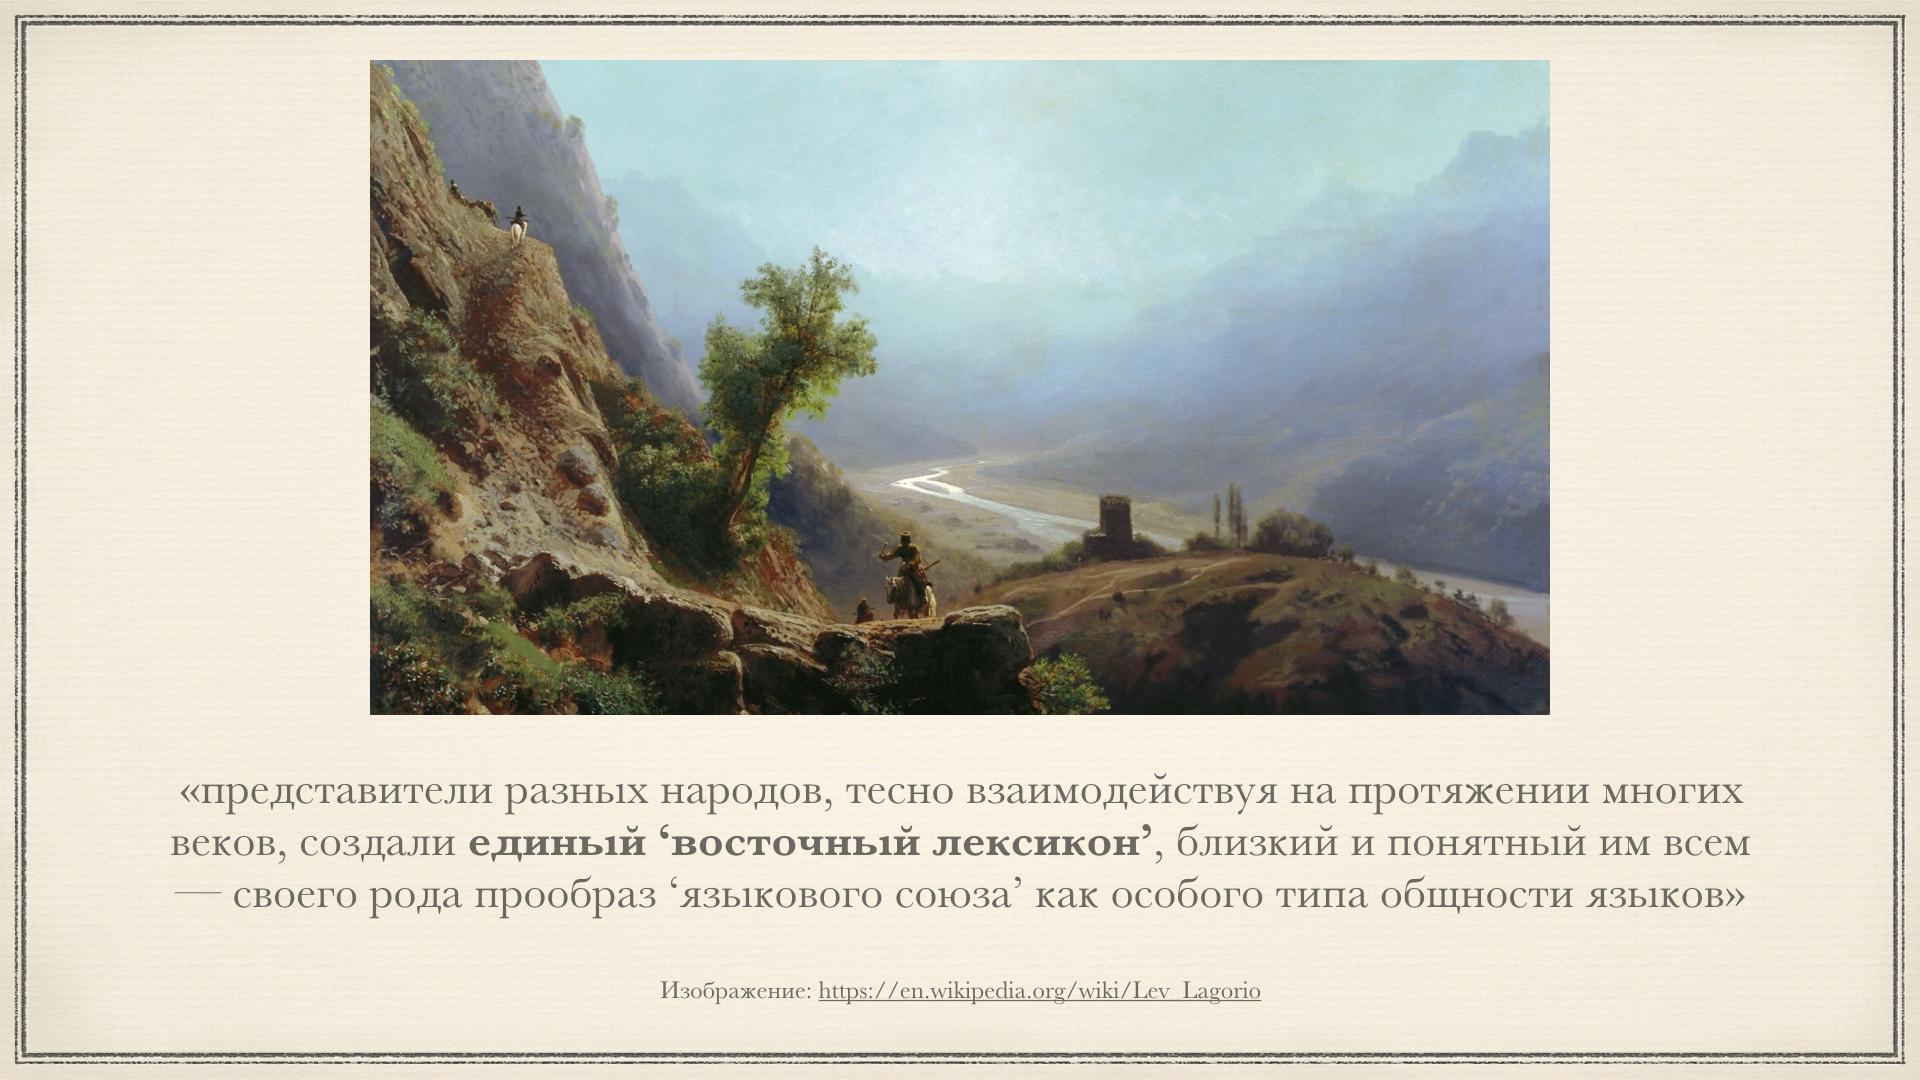 Восточная лексика Лермонтова